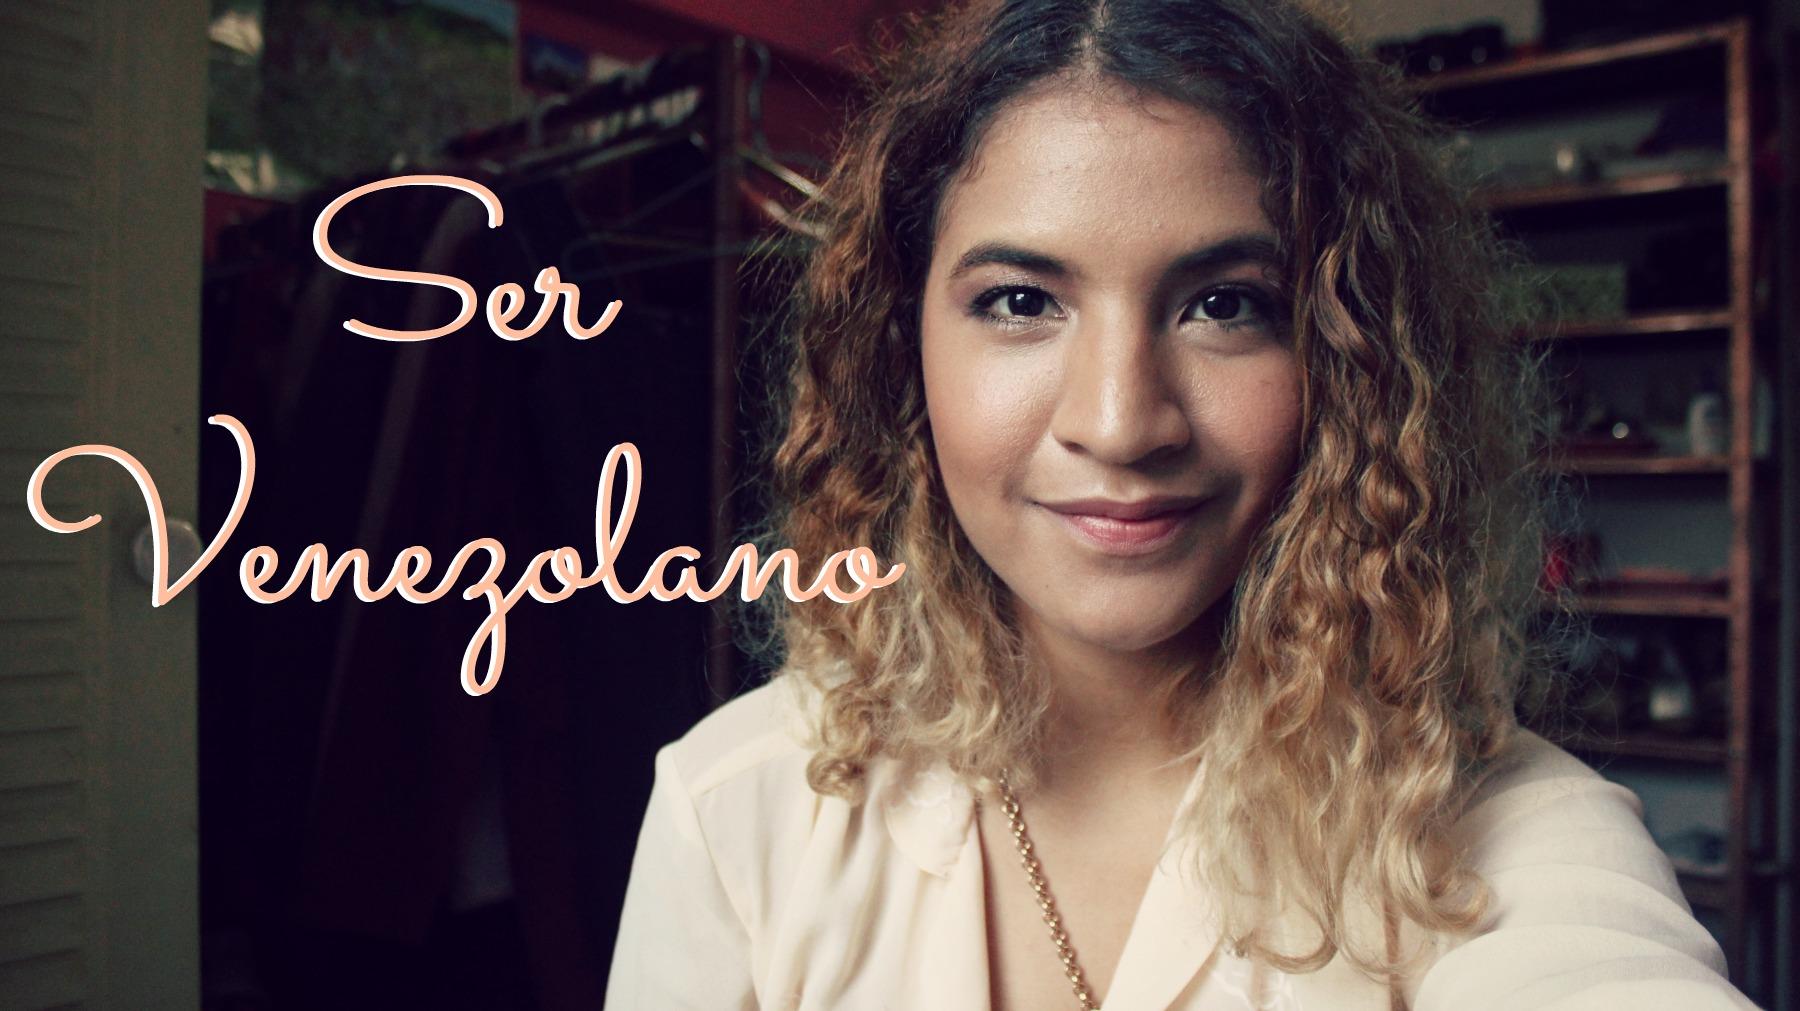 ser venezolano